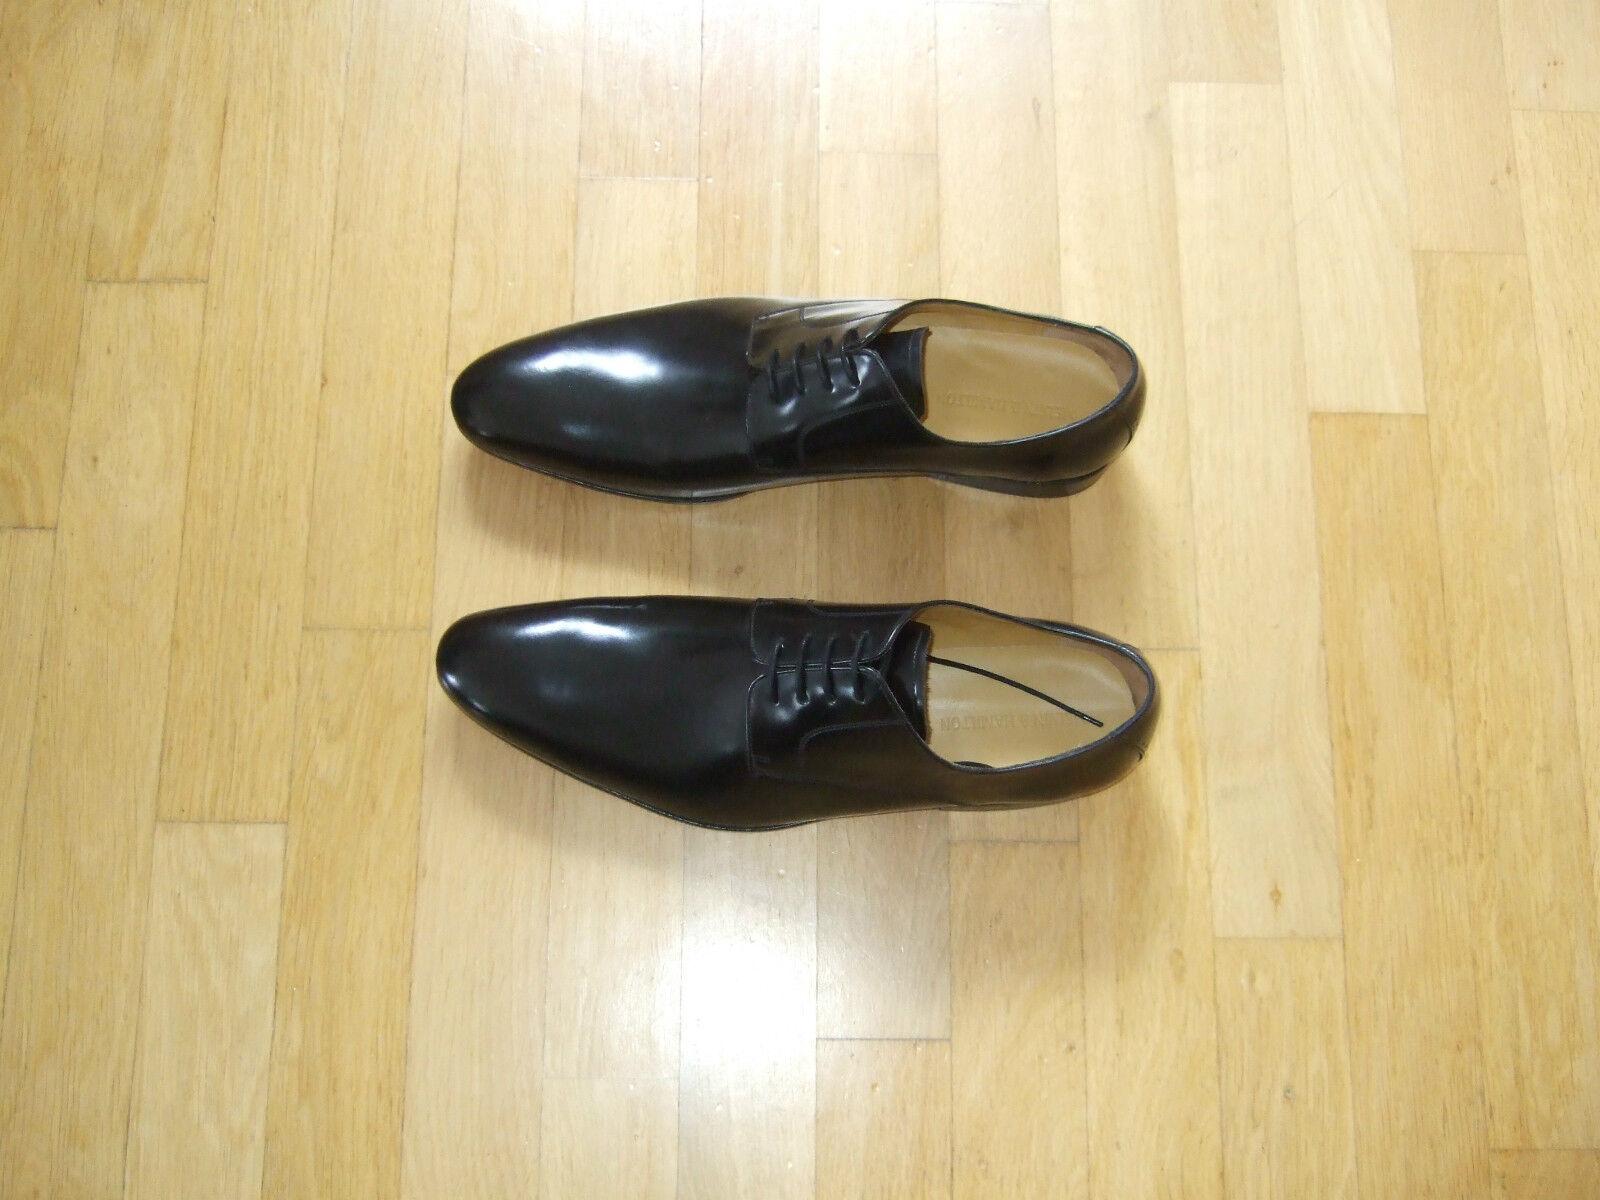 Neu HAMILTON elegante Schnürrschuhe MELVIN & HAMILTON Neu Größe 52 schwarz innen außen Leder ddc275